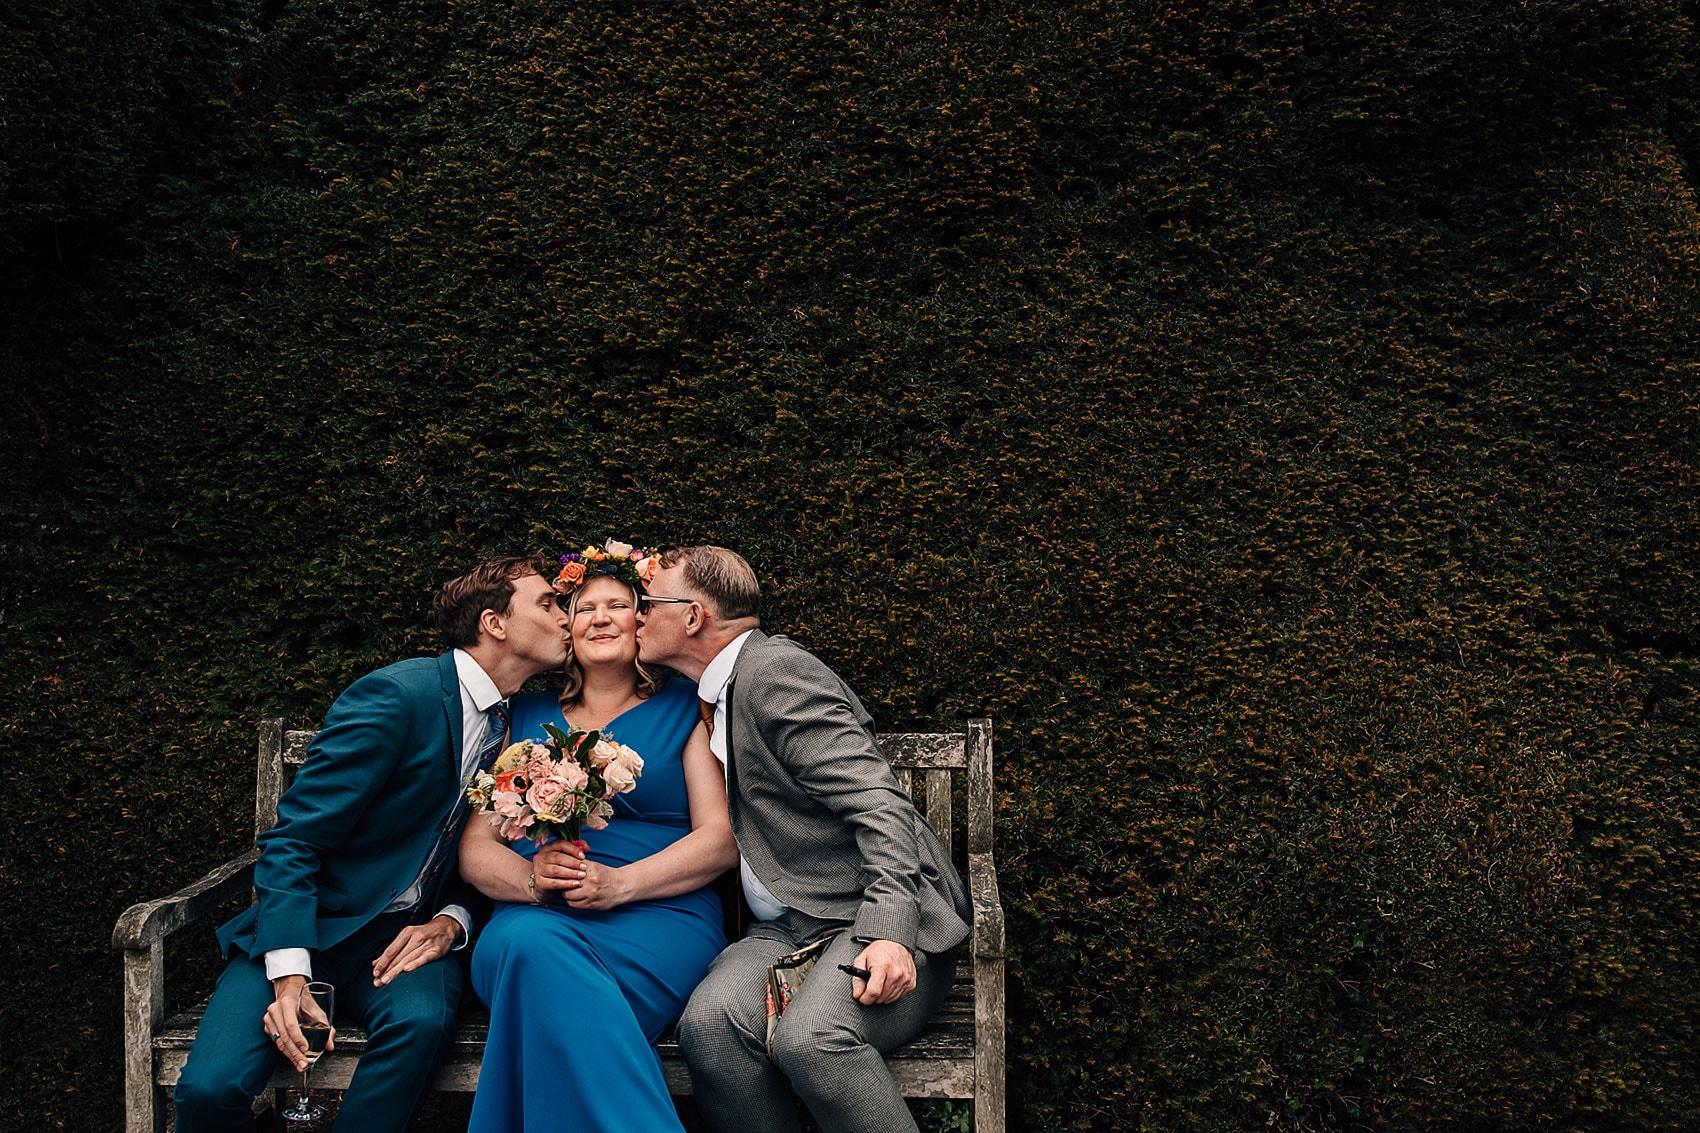 secret garden wedding photography Yorkshire flower crown